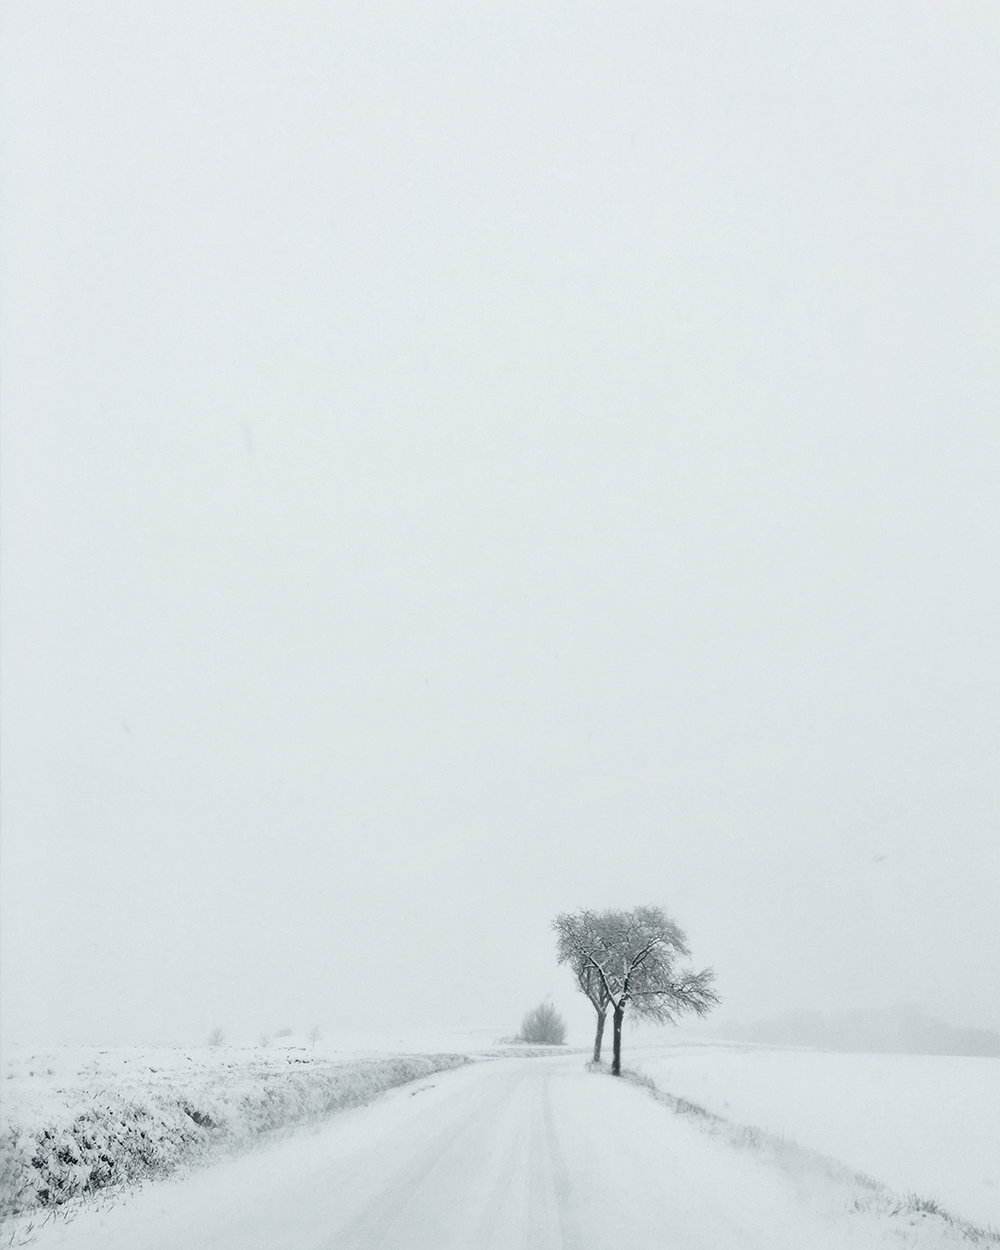 fototips-iphone-framkalla-vinter.jpg